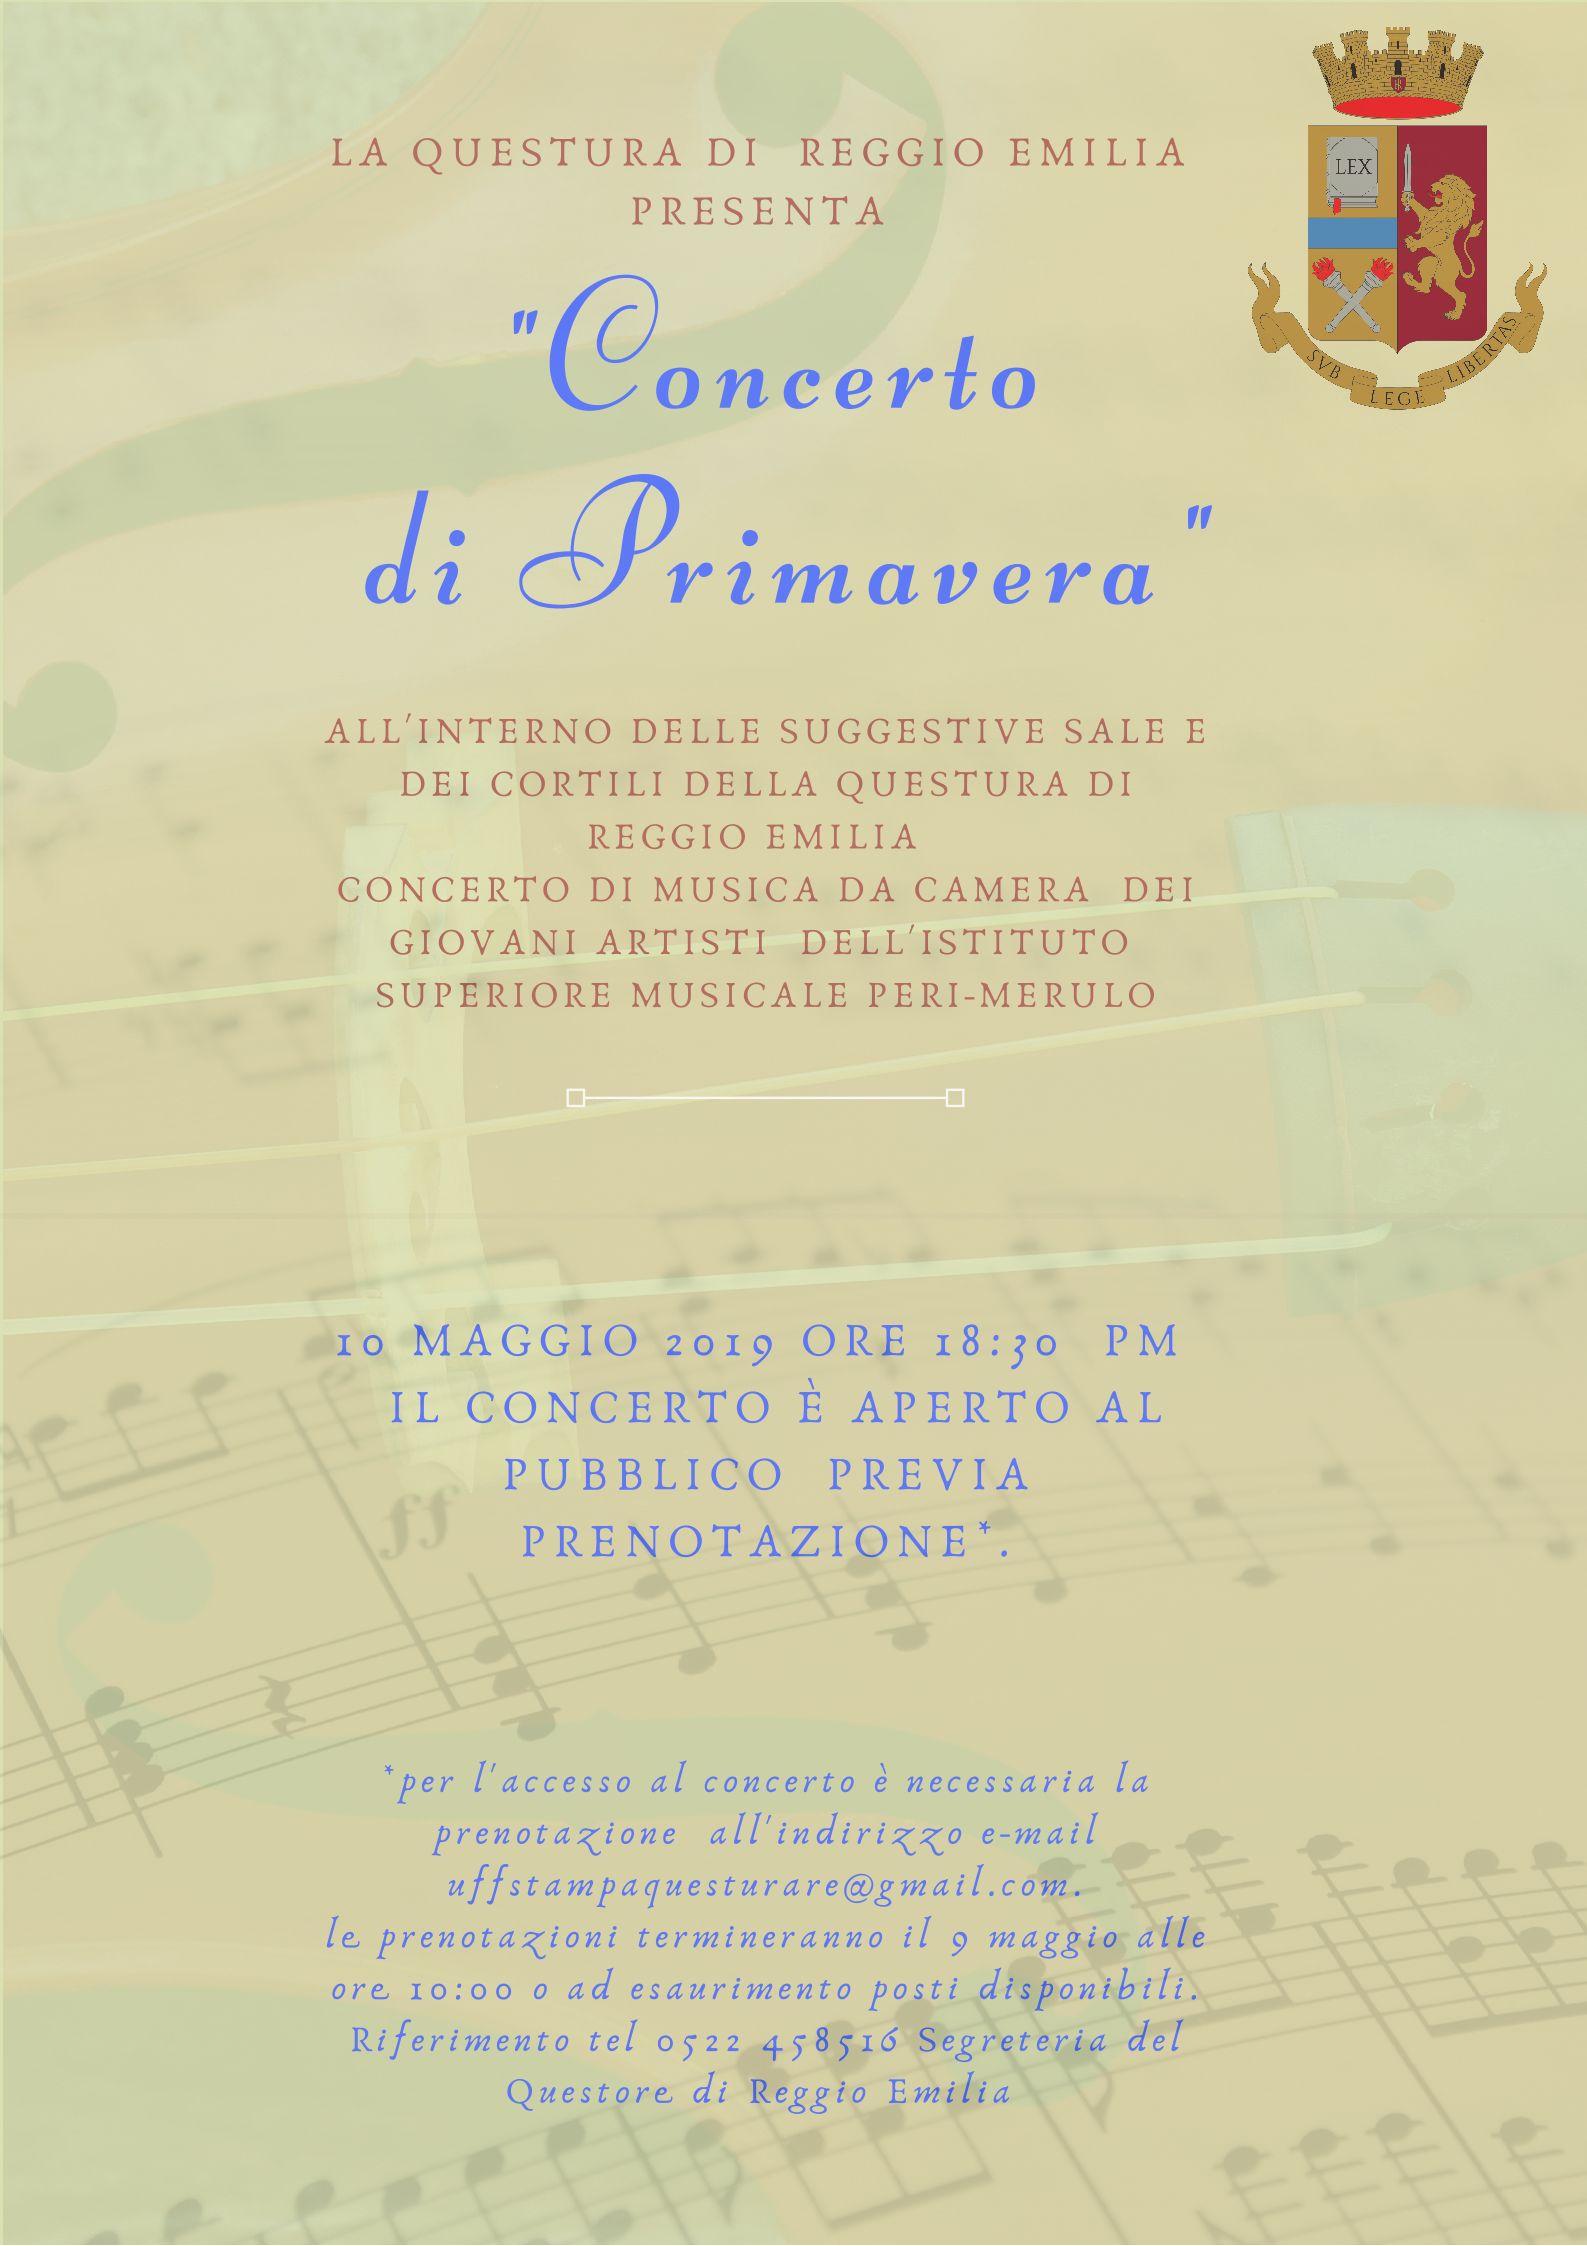 Concerto di Primavera\